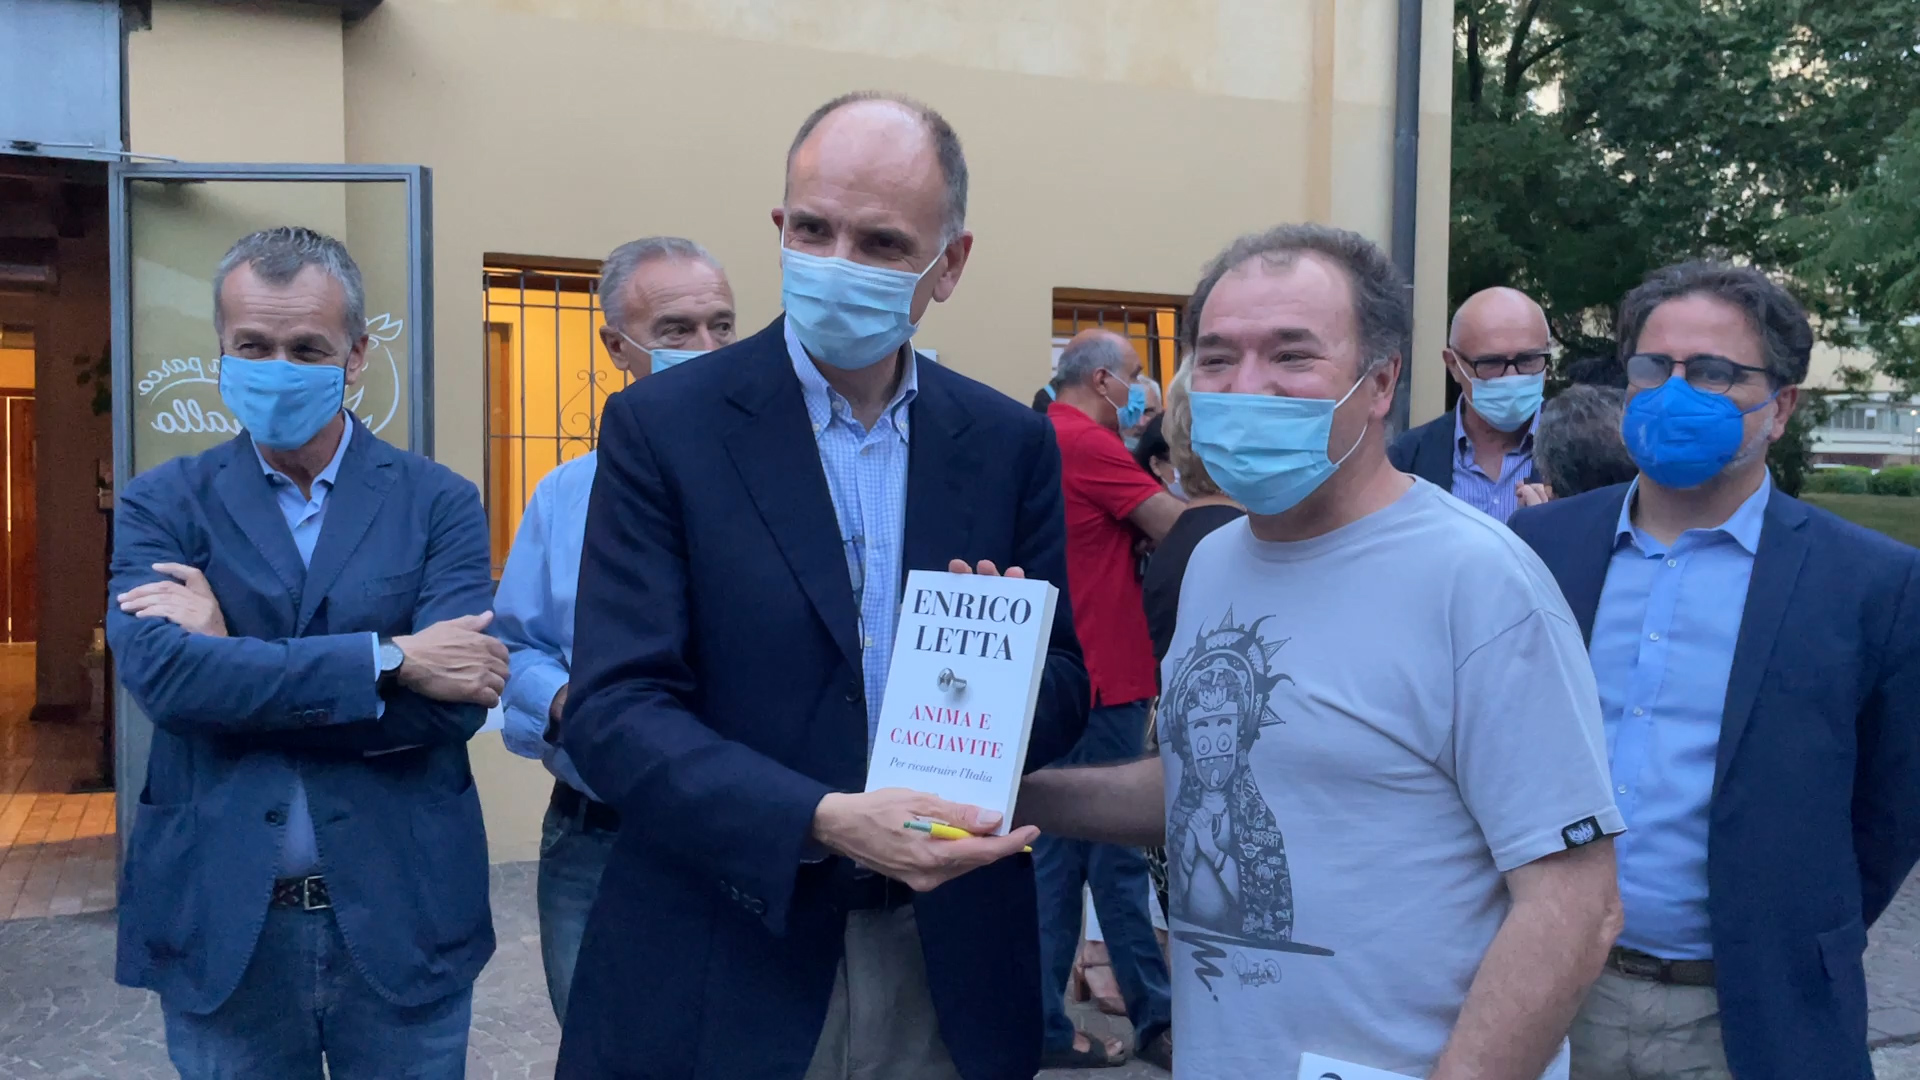 """Letta a Brescia, """"Anima e cacciavite"""" fra giovani e riforme"""